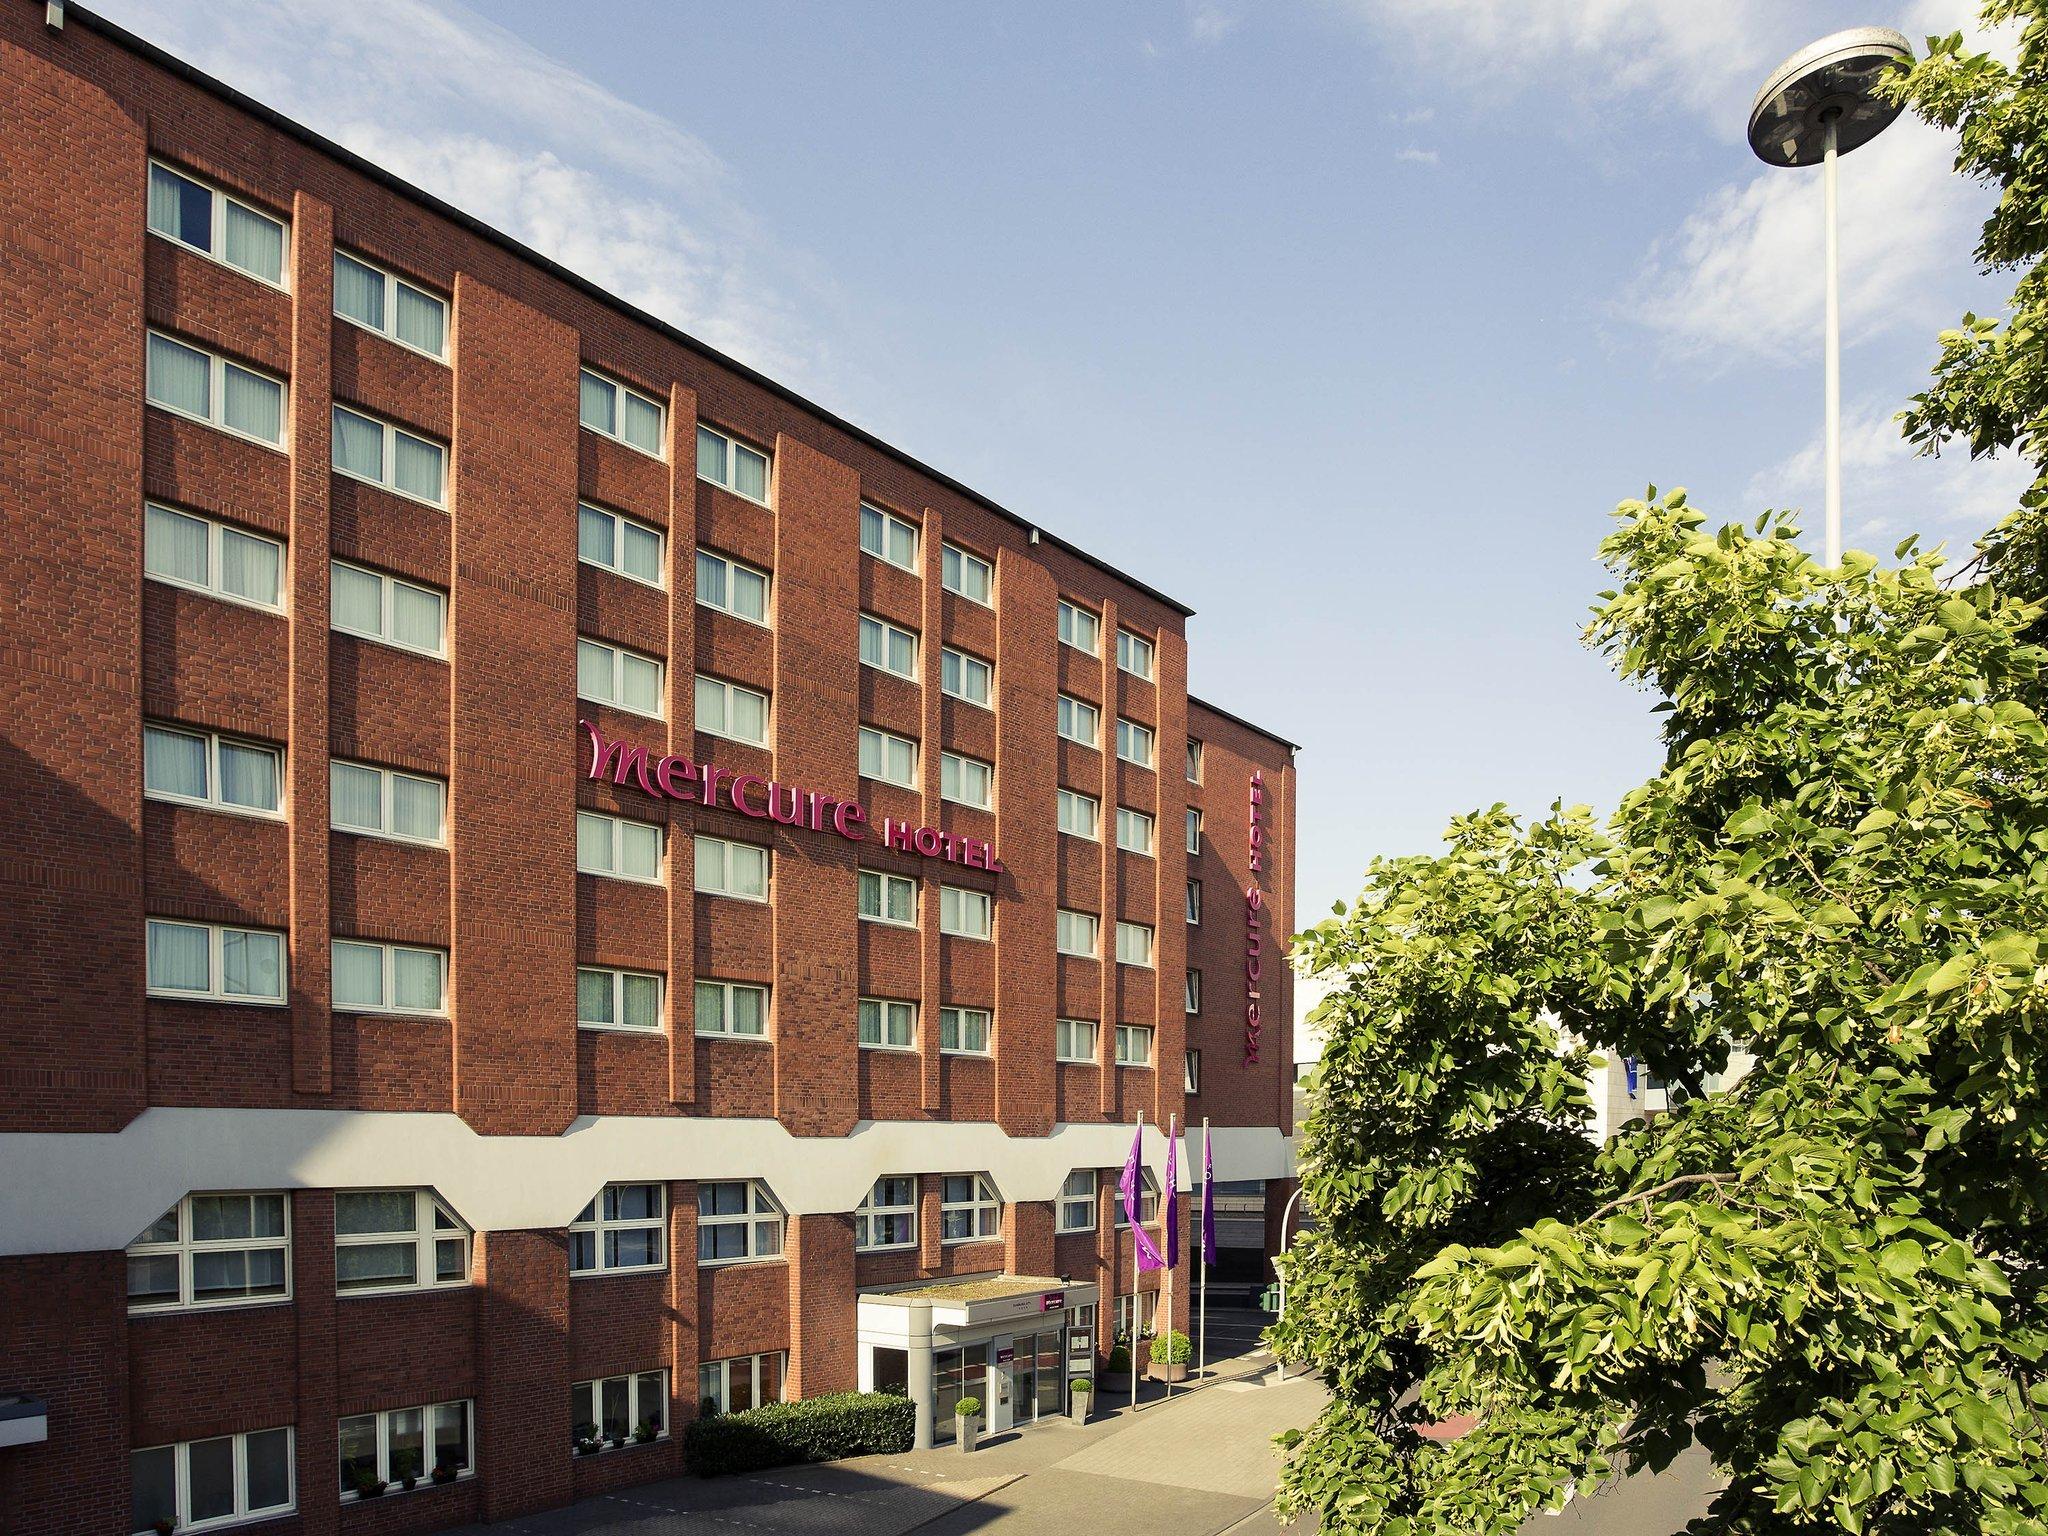 杜斯堡美居酒店